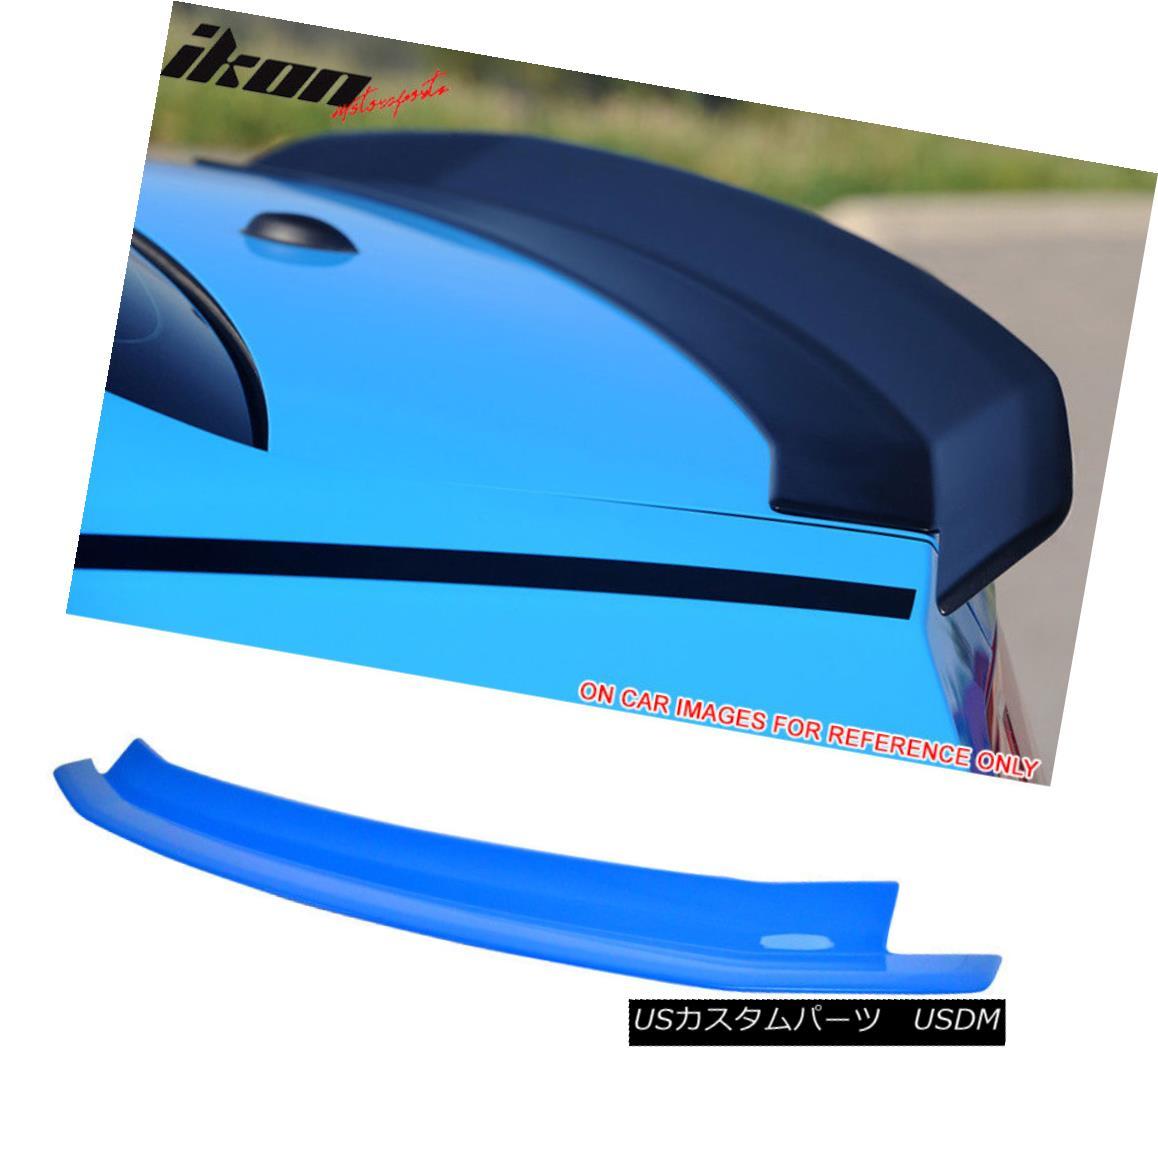 エアロパーツ Fit 10-14 Ford Mustang Trunk Spoiler Painted ABS # CI Grabber Blue フィット10?14フォードマスタングトランクスポイラー塗装ABS#CIグラバーブルー